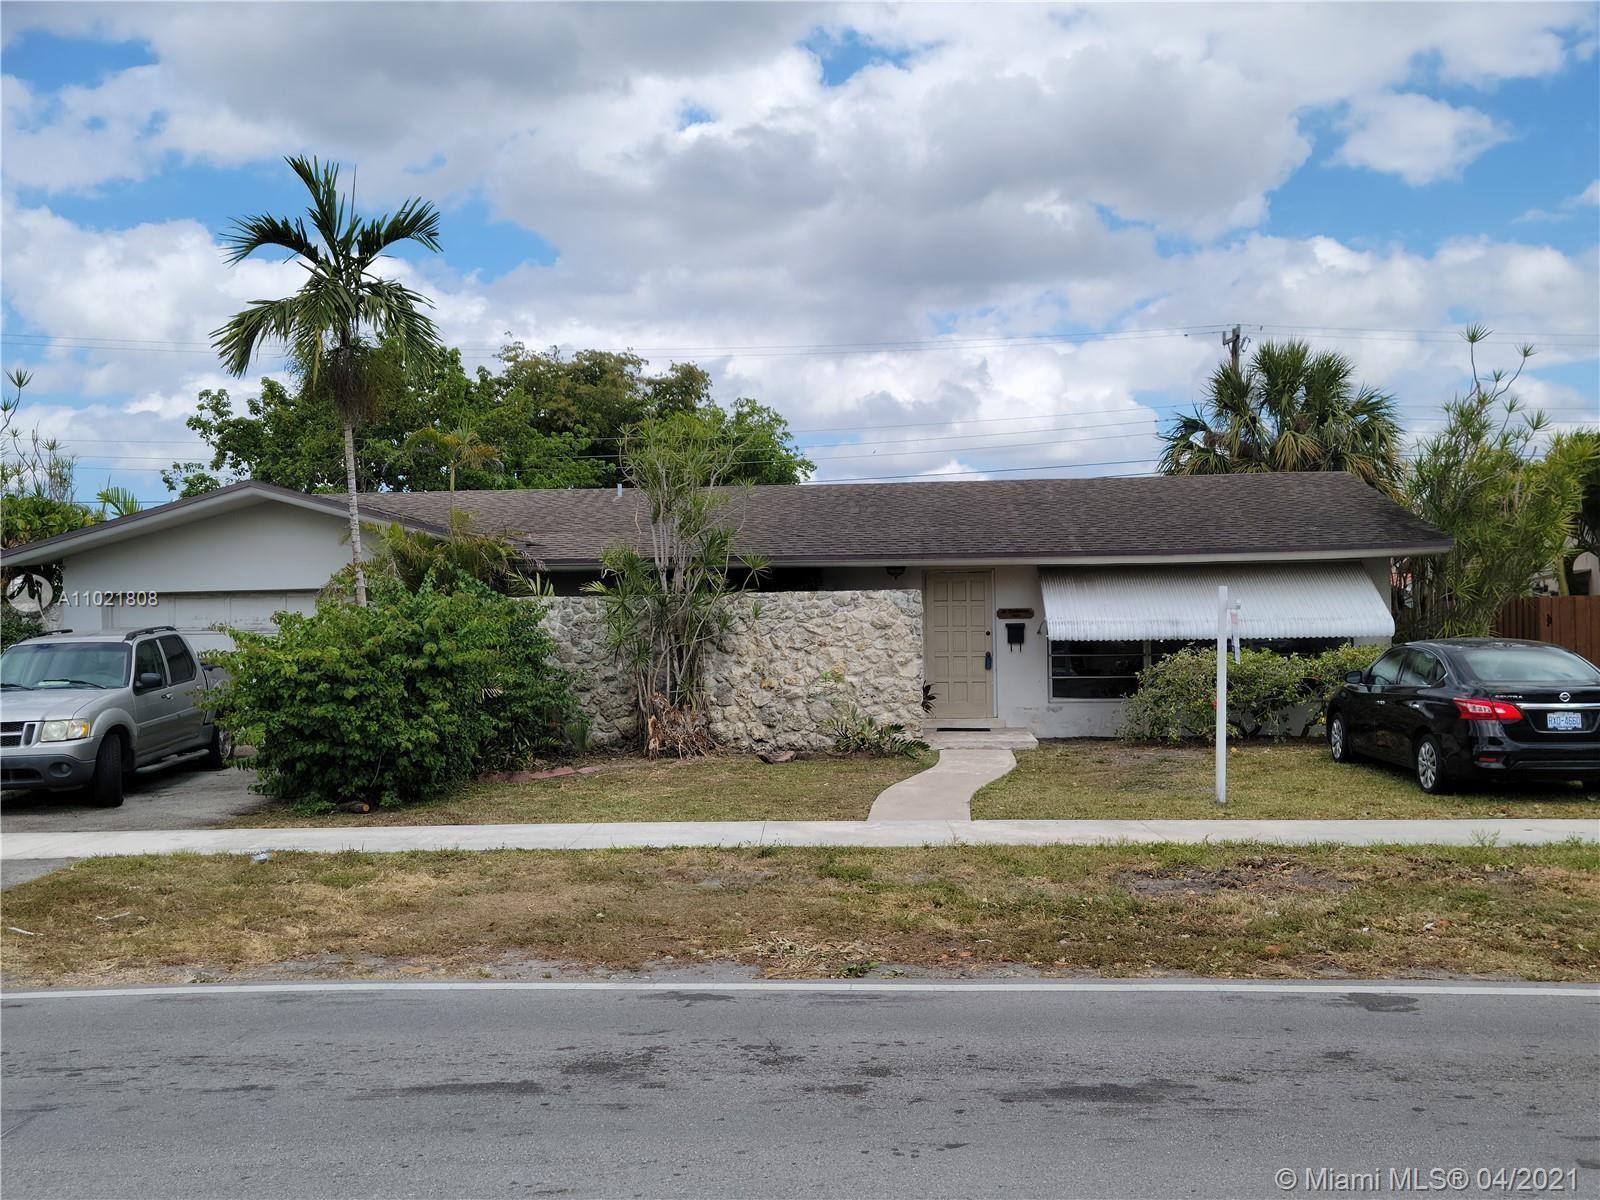 7991 W 16th Ave, Hialeah, FL 33014 - #: A11021808